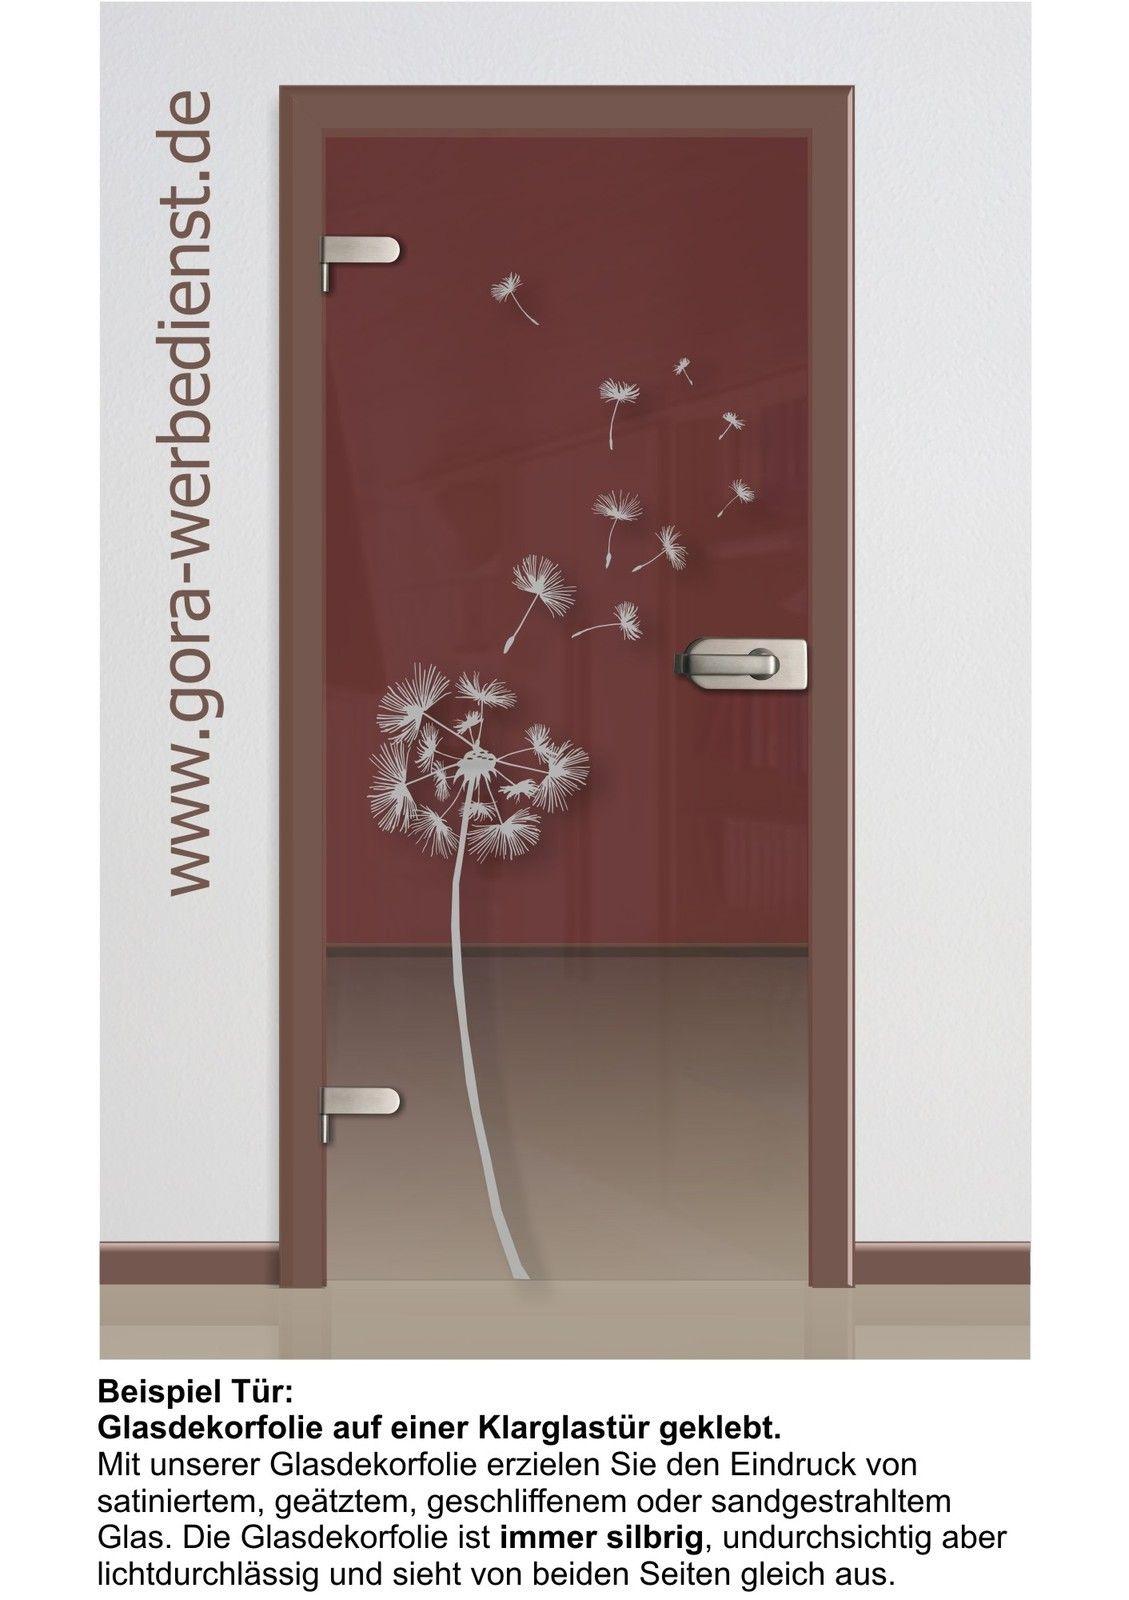 glastür glasdekor satiniert aufkleber folie sticker pflanzenmotiv, Wohnzimmer